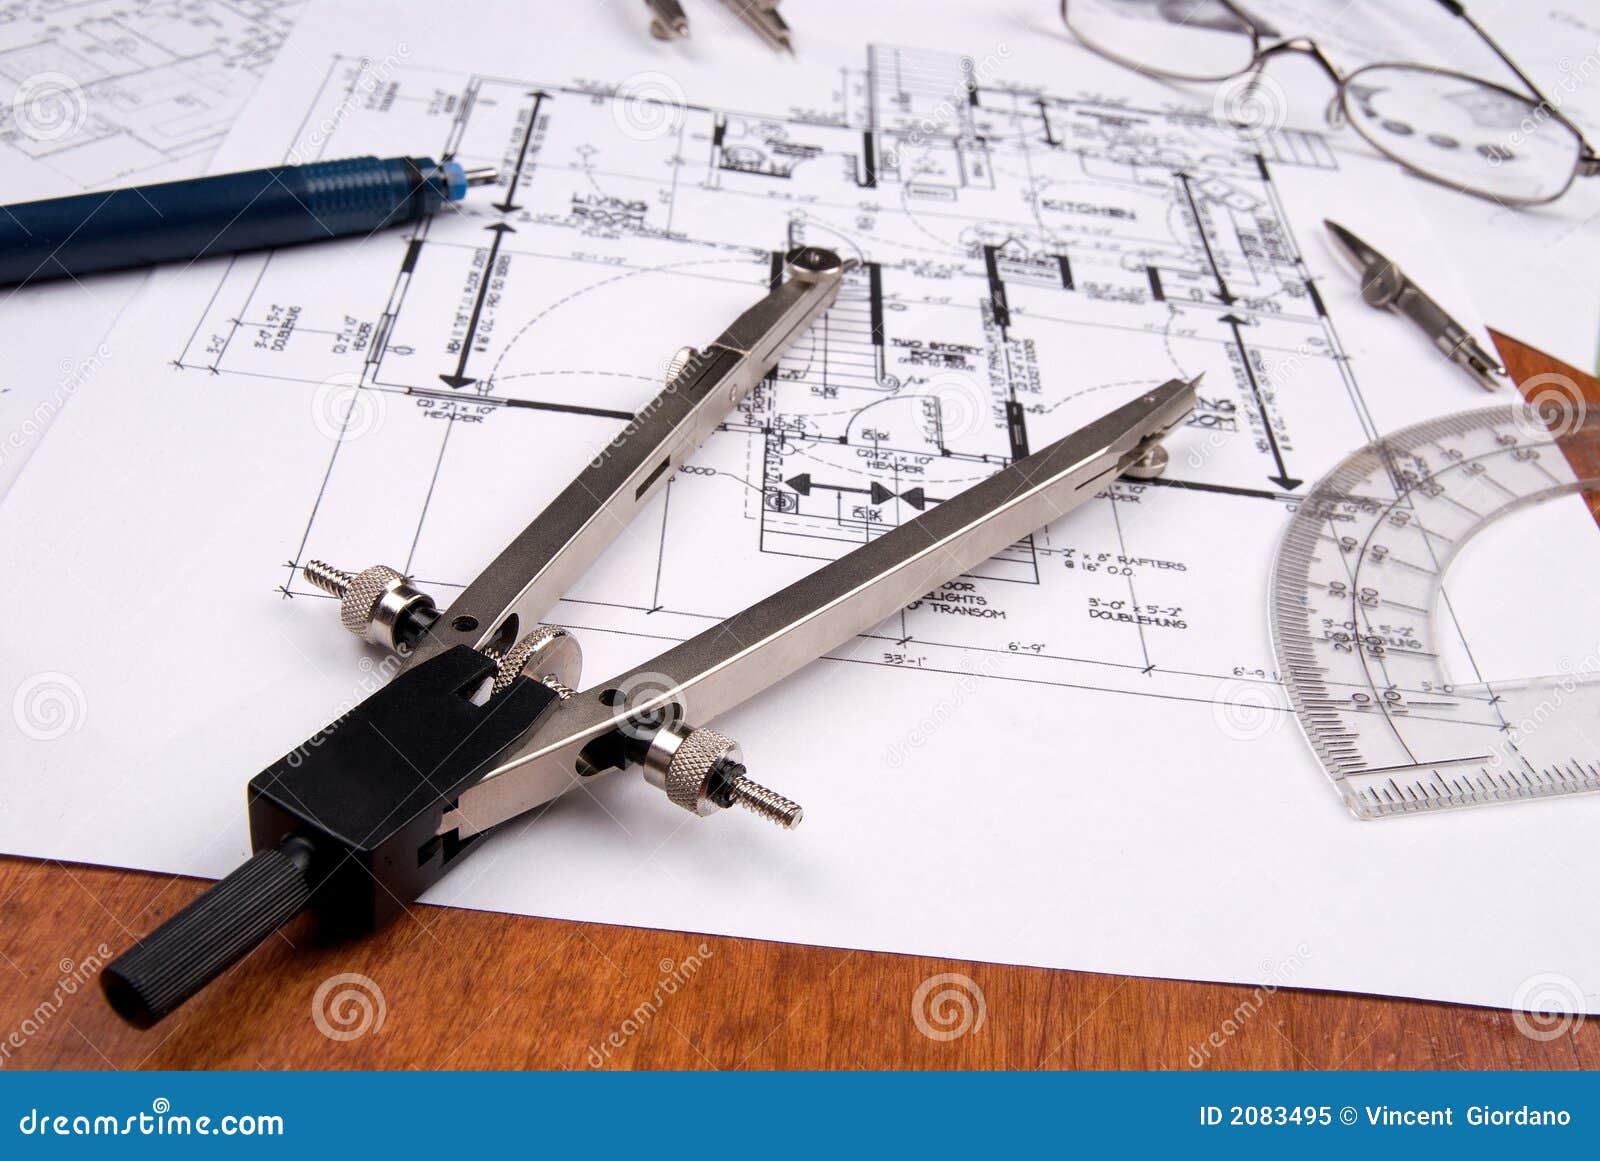 ingeniero arquitecto o planes y herramientas del